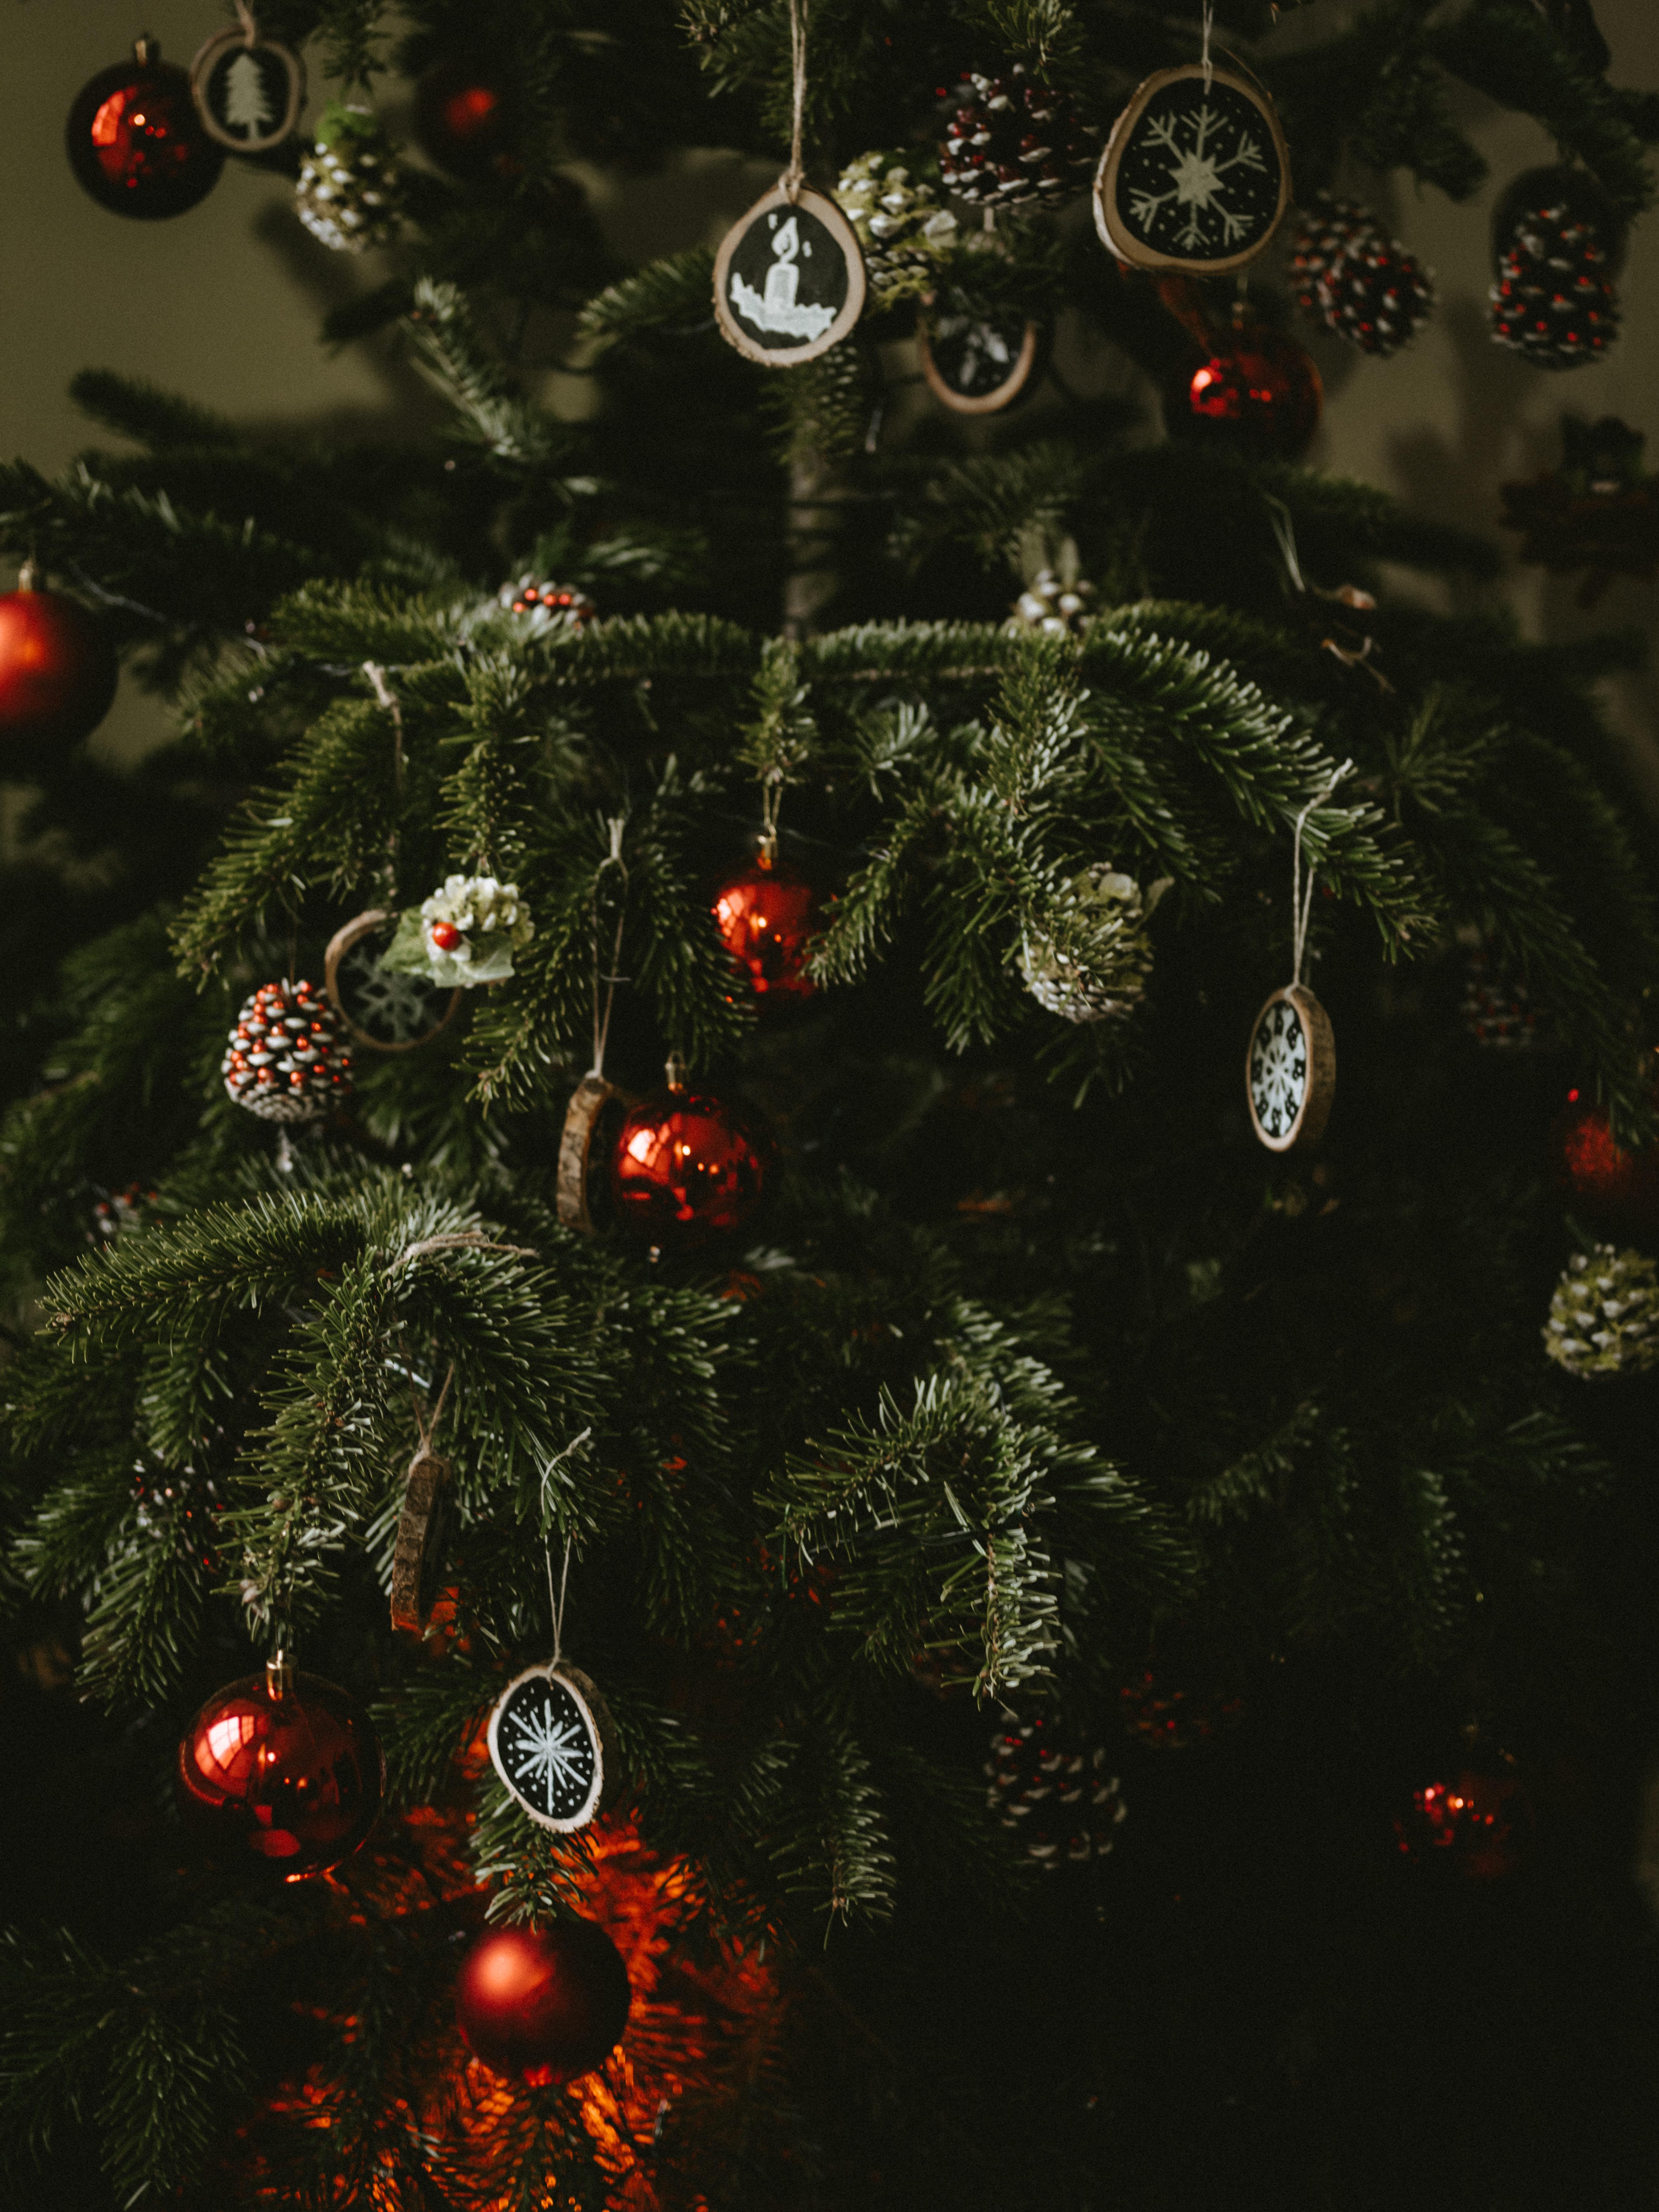 130018 скачать обои Праздники, Елка, Украшения, Шары, Шишки, Новый Год, Рождество - заставки и картинки бесплатно